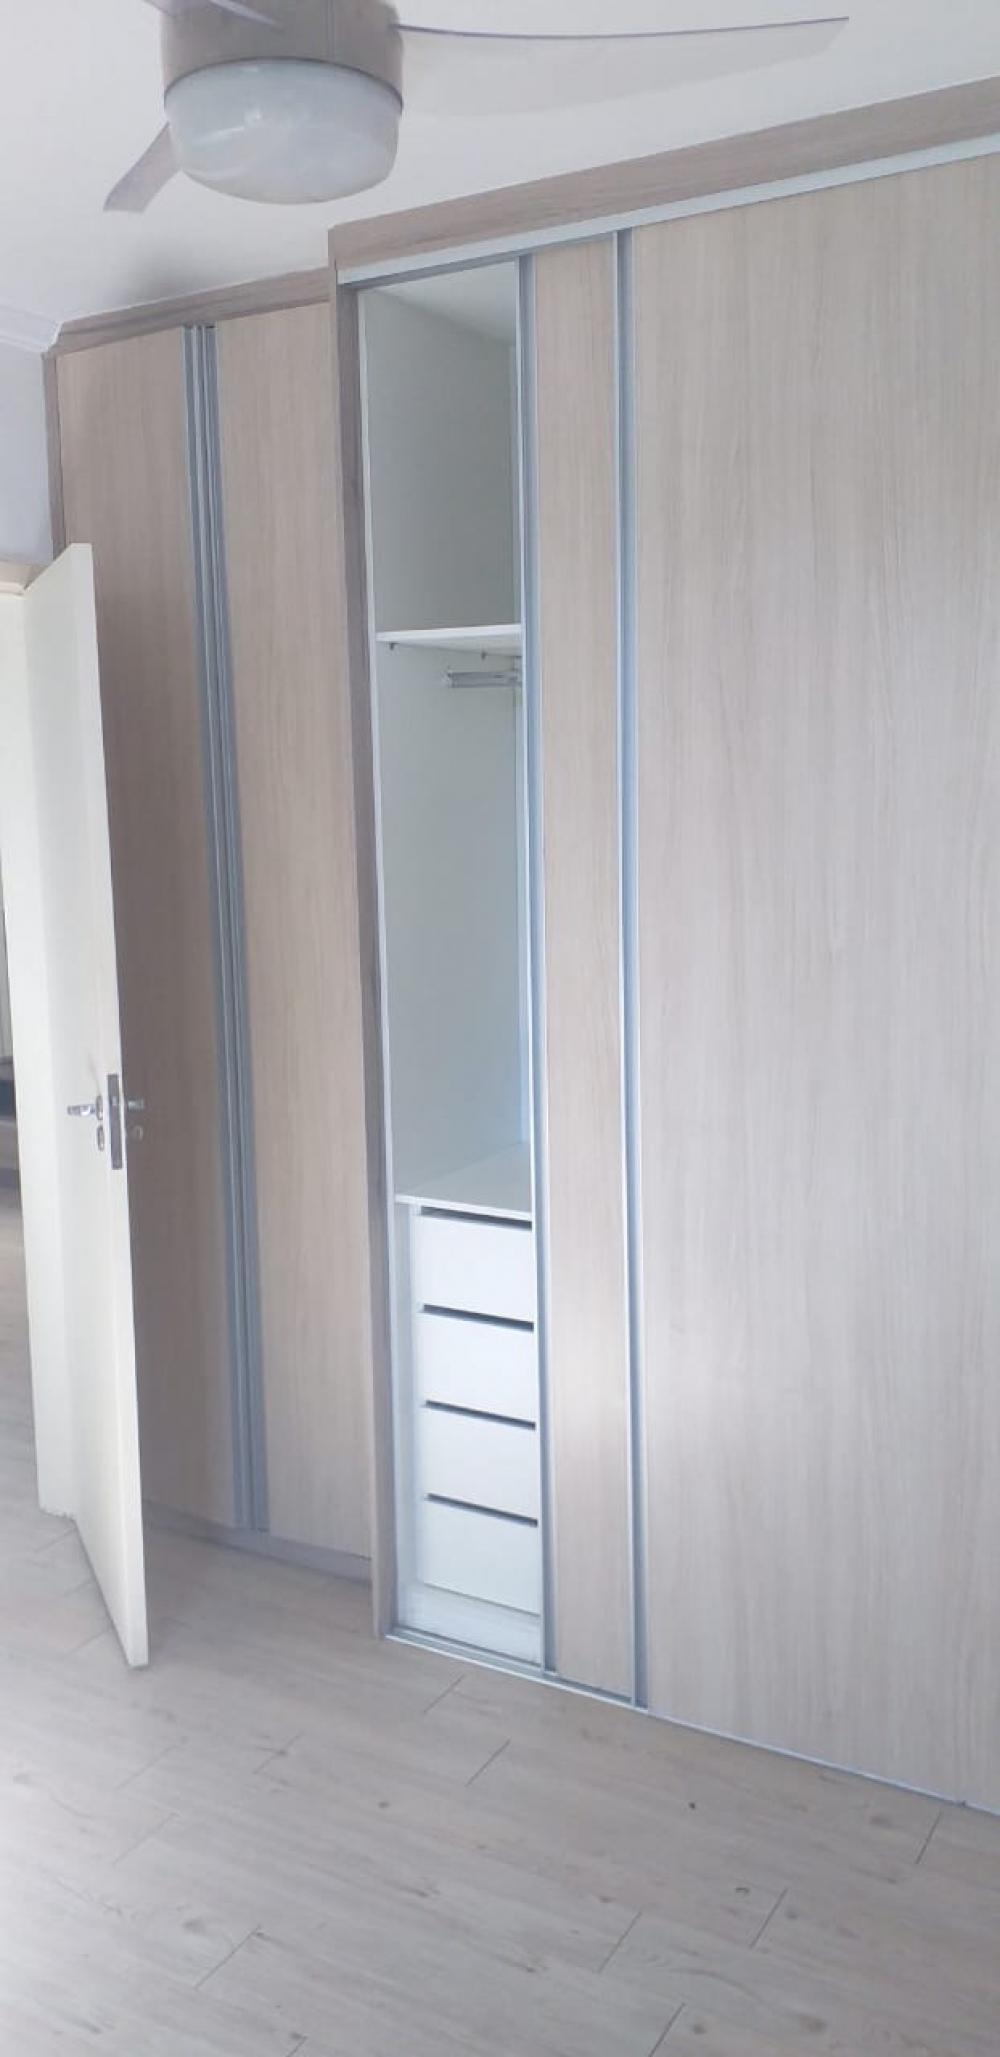 Lindo apartamento com 2 dormitórios com armários embutidos, sala com painel, cozinha planejada, cooktop, exaustor, área de serviços e 1 vaga de garagem.  Aceita financiamento e FGTS.